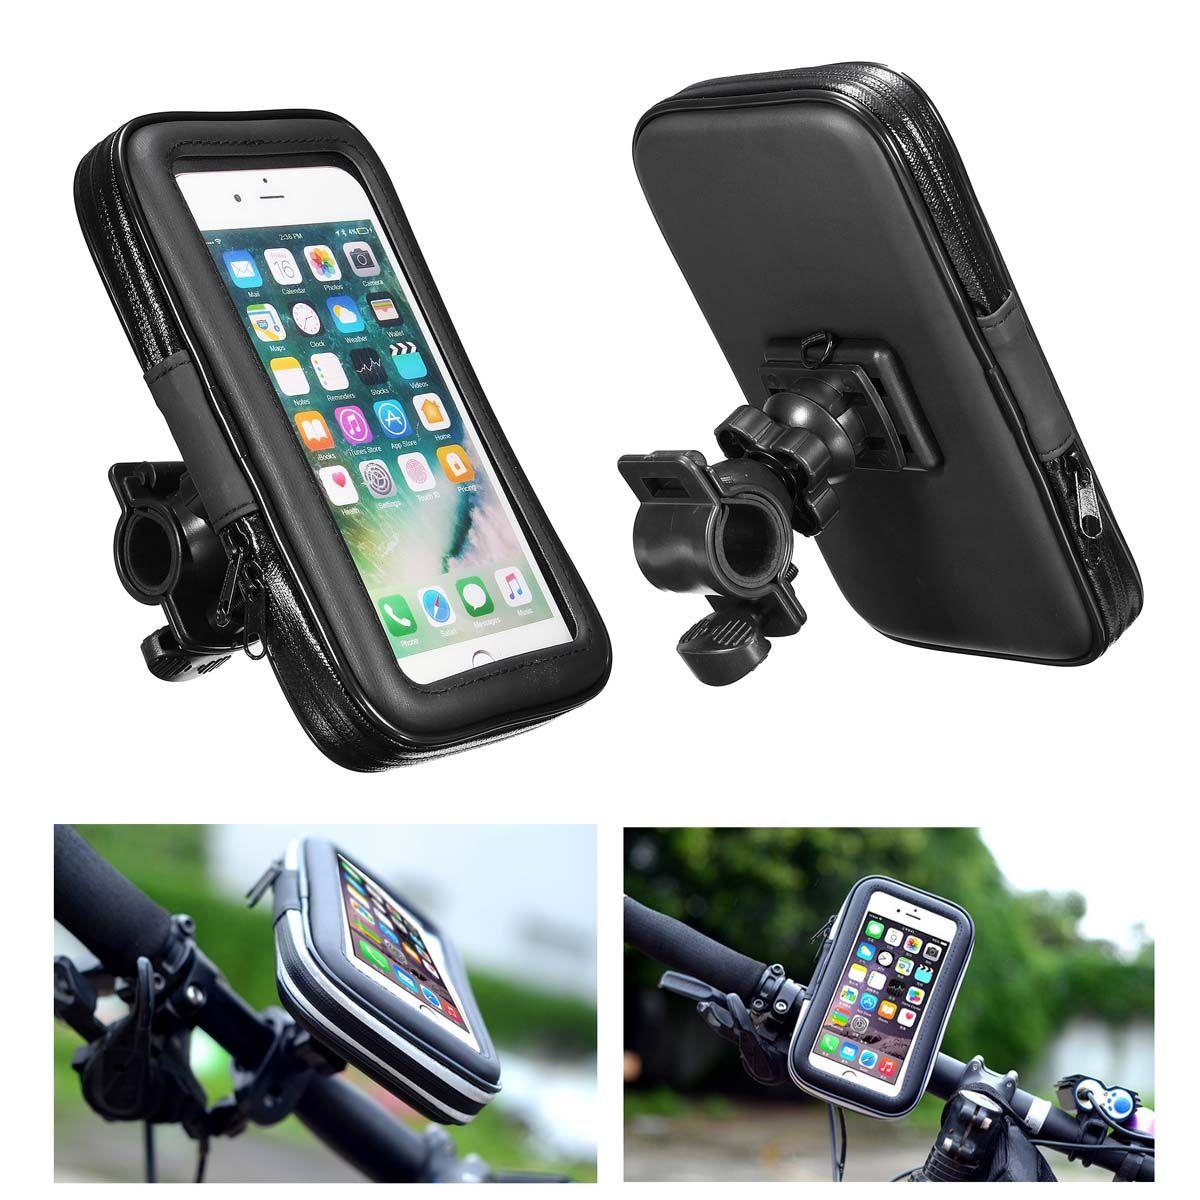 Universal Waterproof Adjustable Motorcycle Bike Bicycle Handlebar